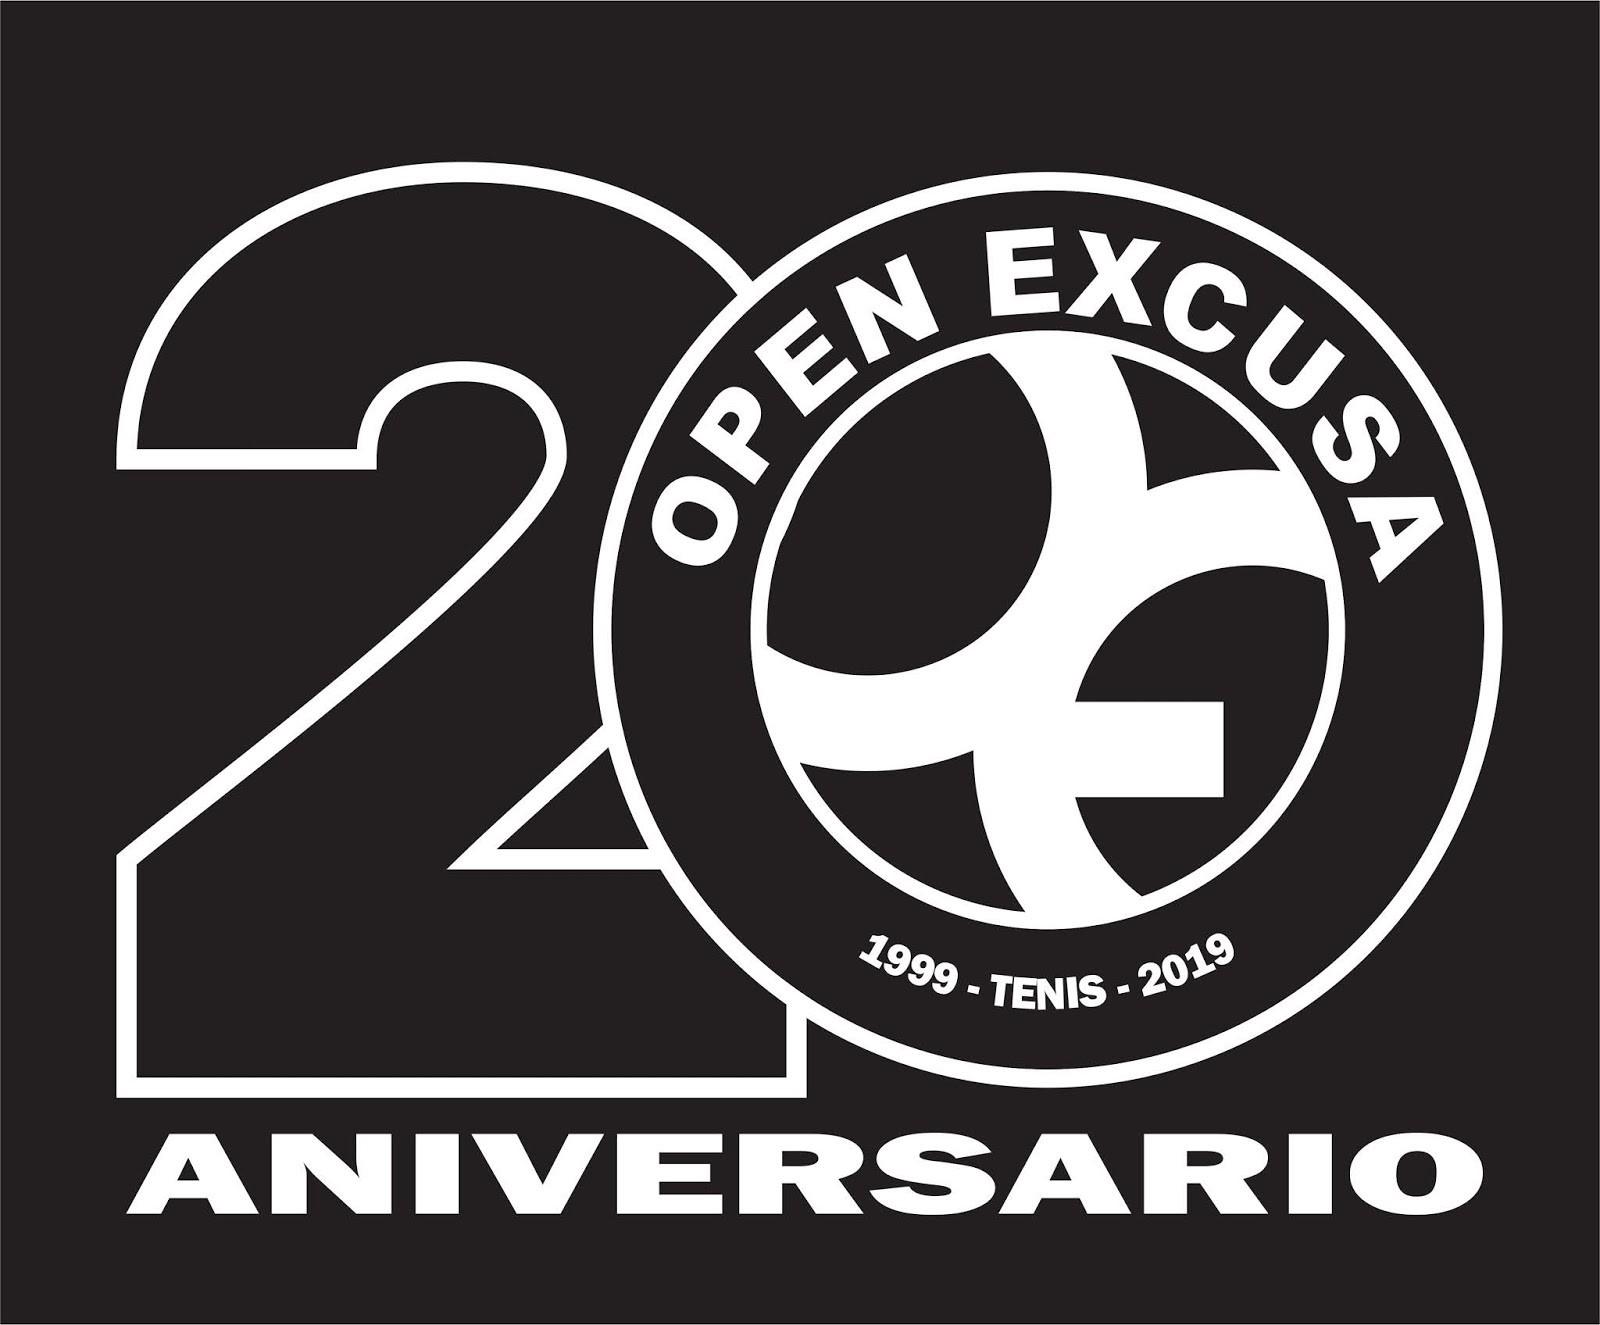 Tras la asamblea anual se aprob³ el calendario deportivo y cultural de esta temporada 2018 2019 donde celebramos el XX aniversario de nuestro OPEN EXCUSA